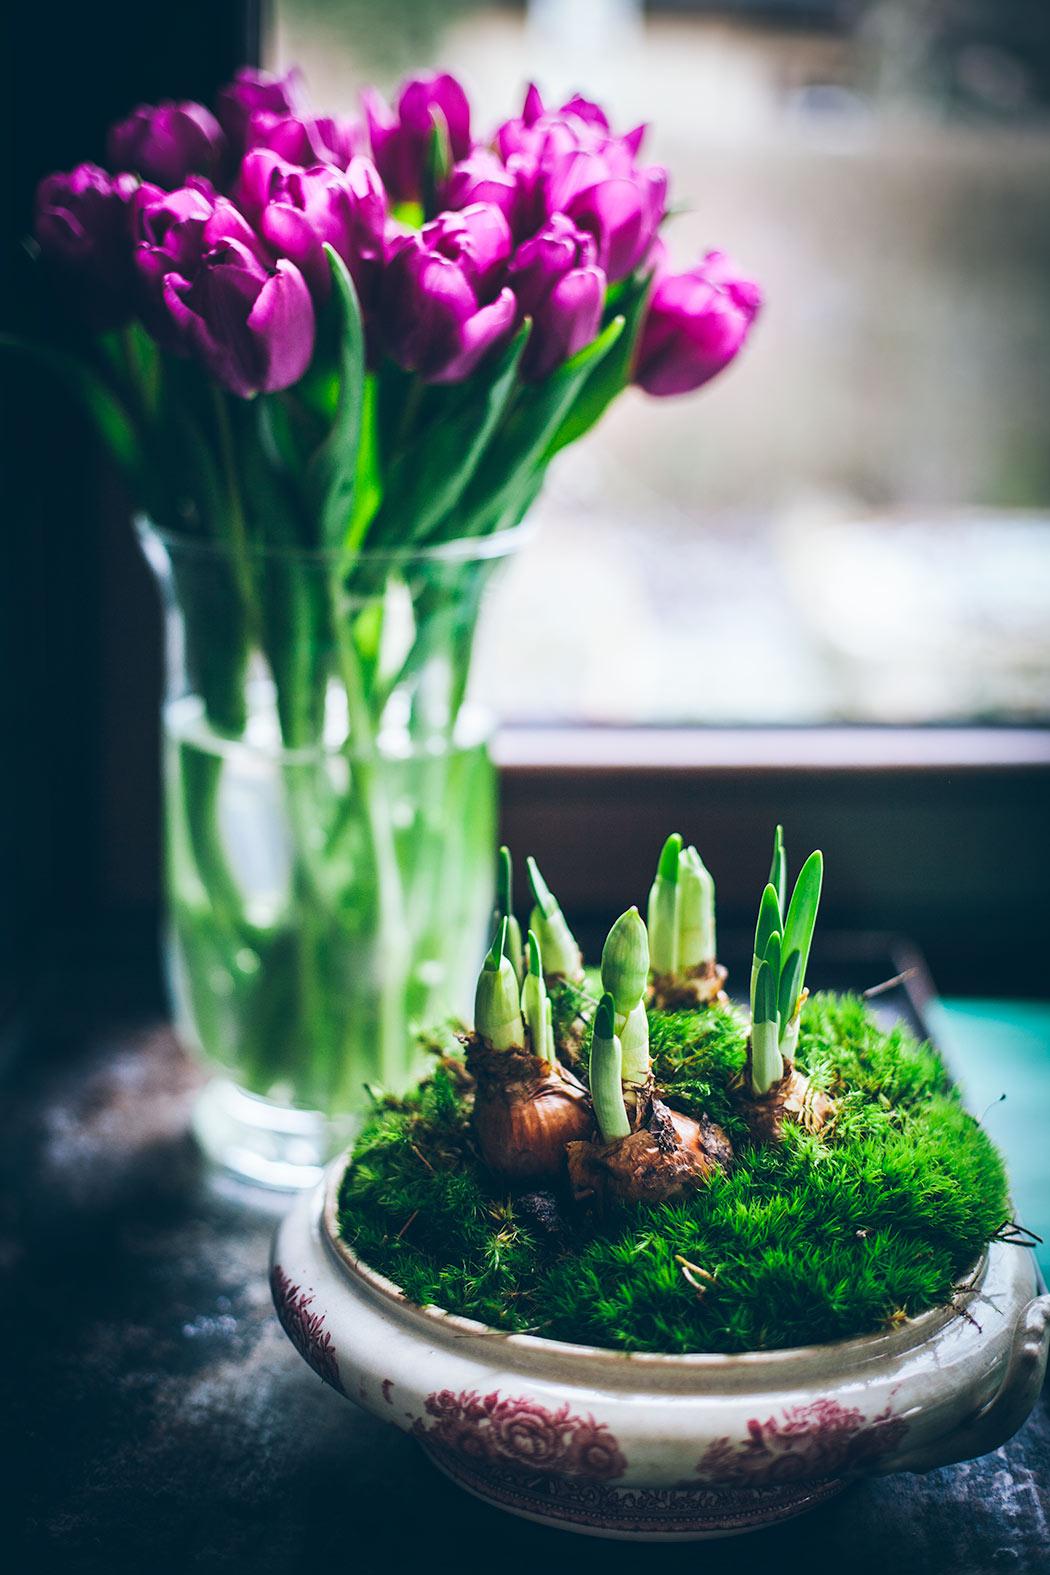 podpędzone kwiaty cebulowe w domu